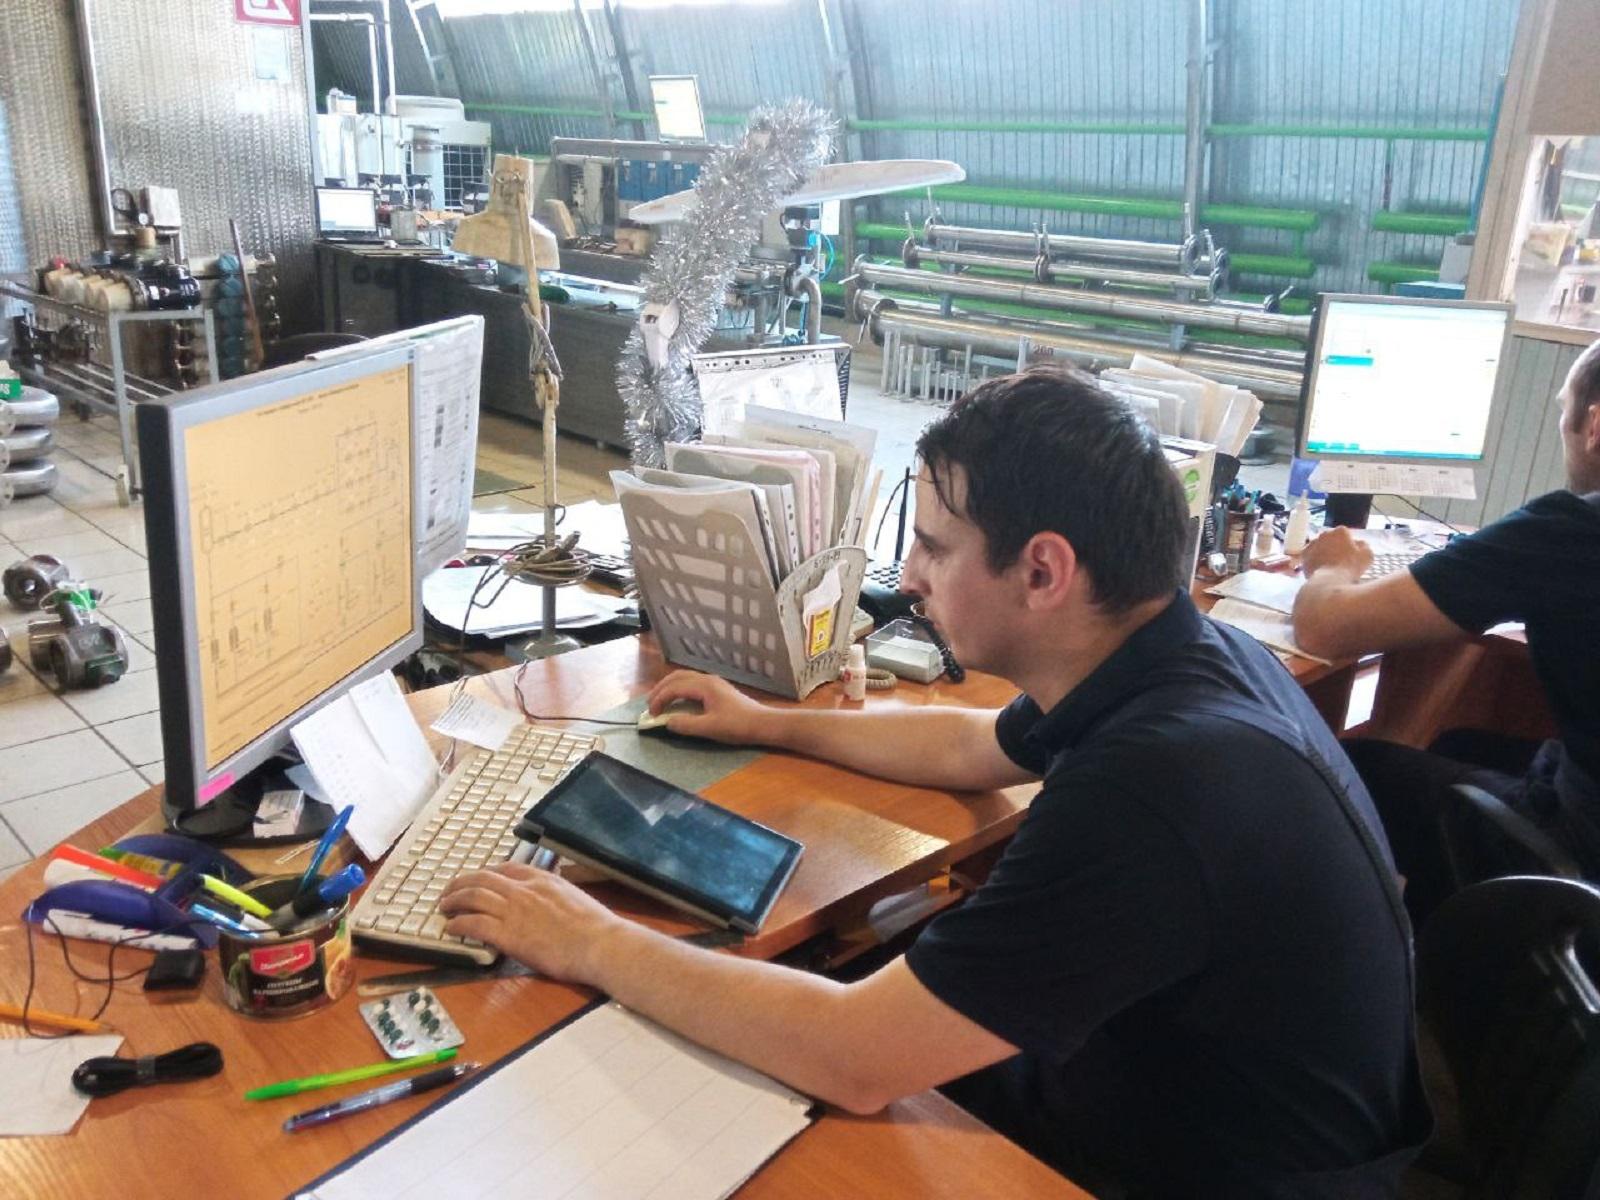 托木斯克国立大学物理与技术学院学生在俄罗斯和独联体的高科技公司进行实习插图-小狮座俄罗斯留学